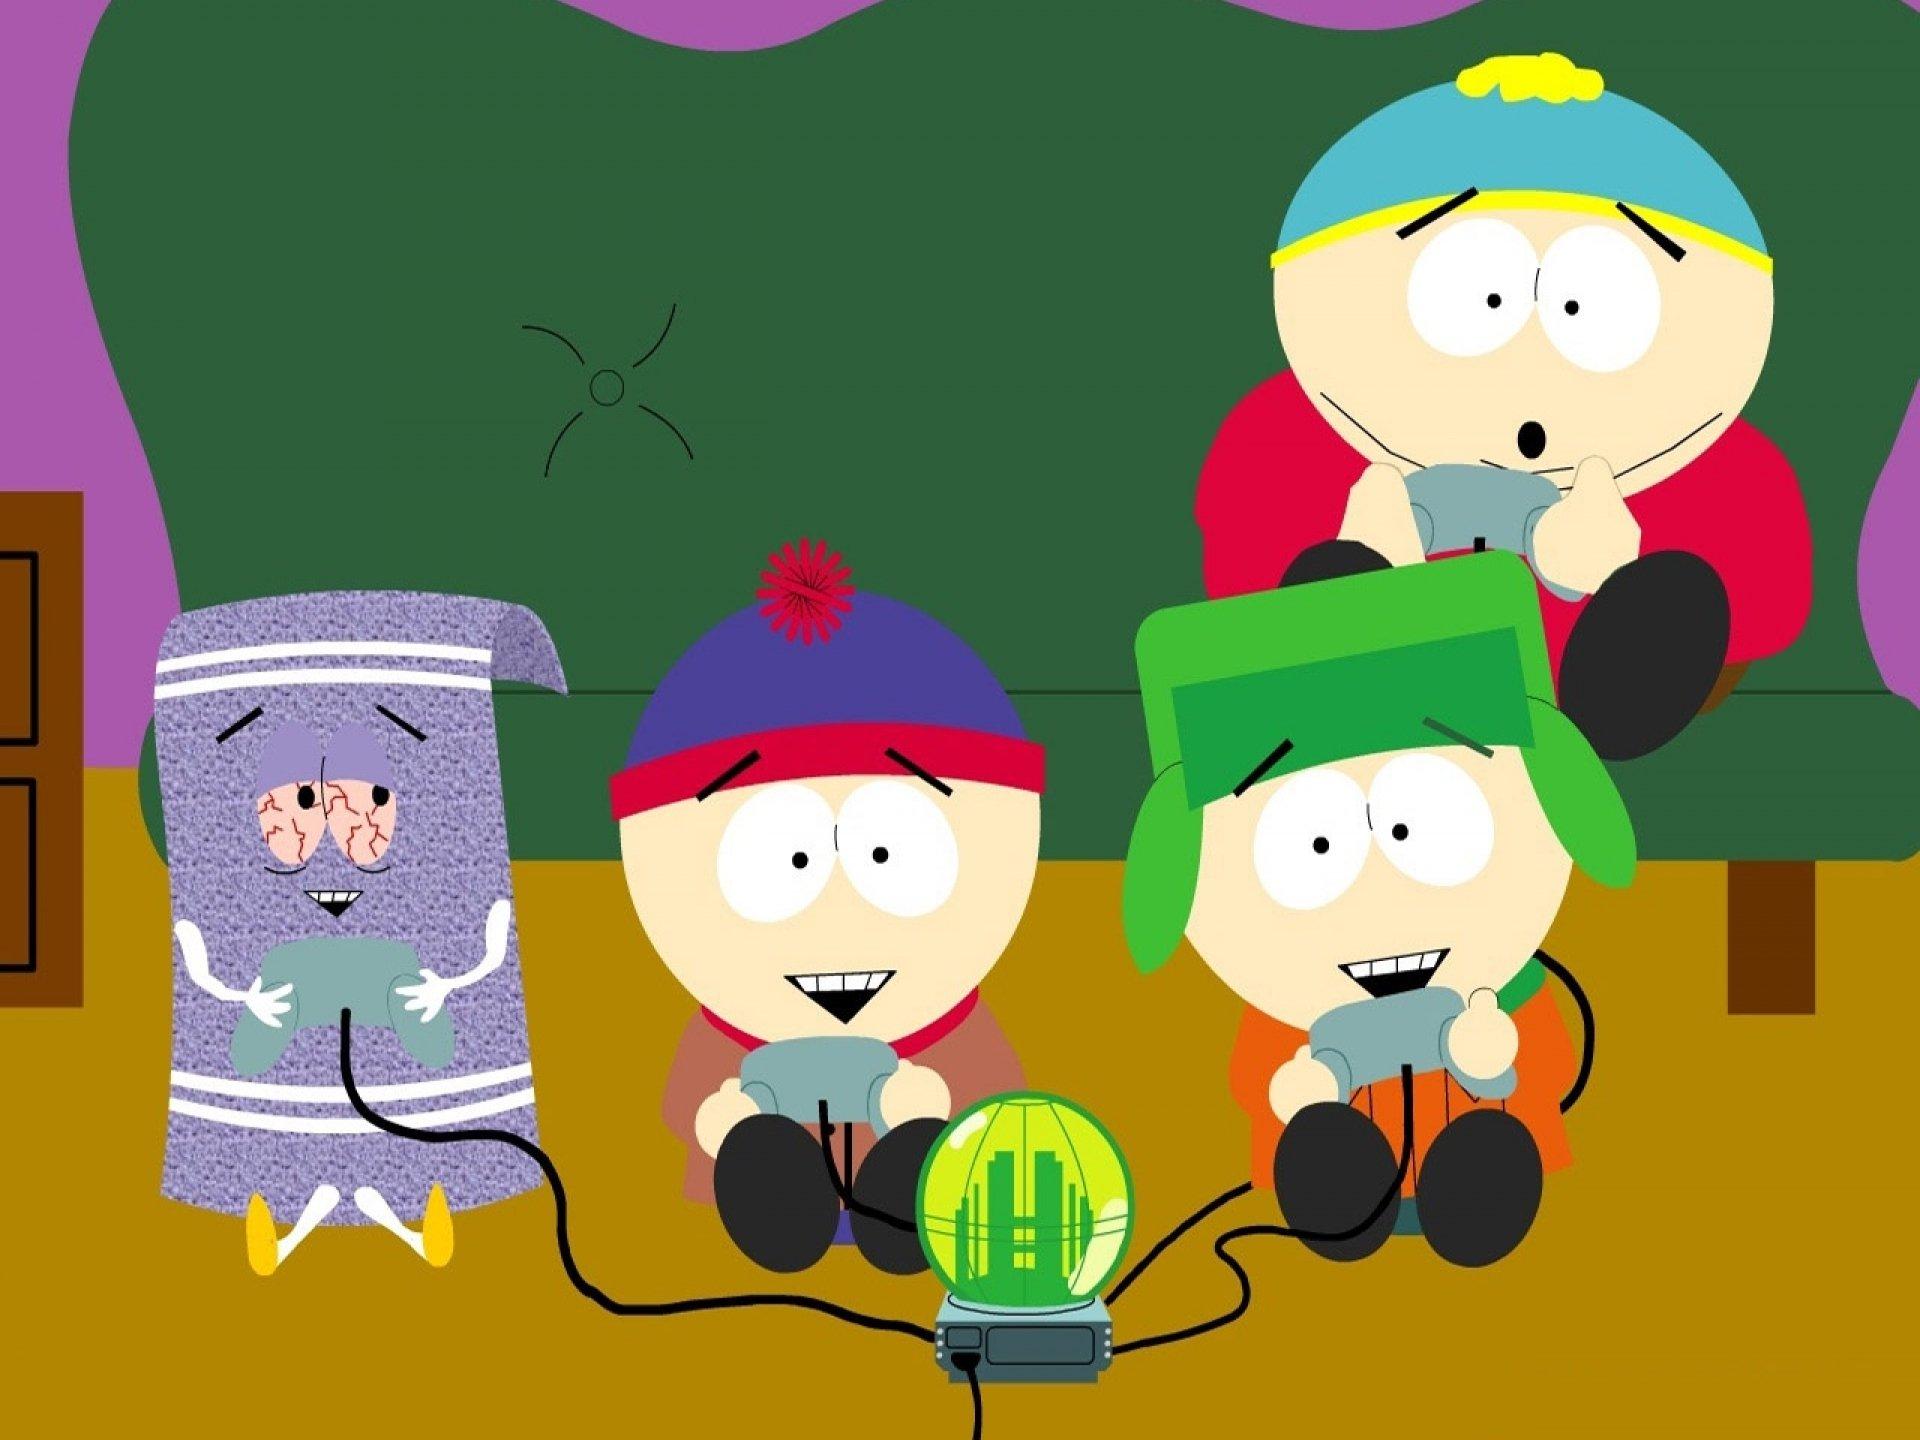 SOUTH PARK animation comedy series sitcom cartoon sadic ...